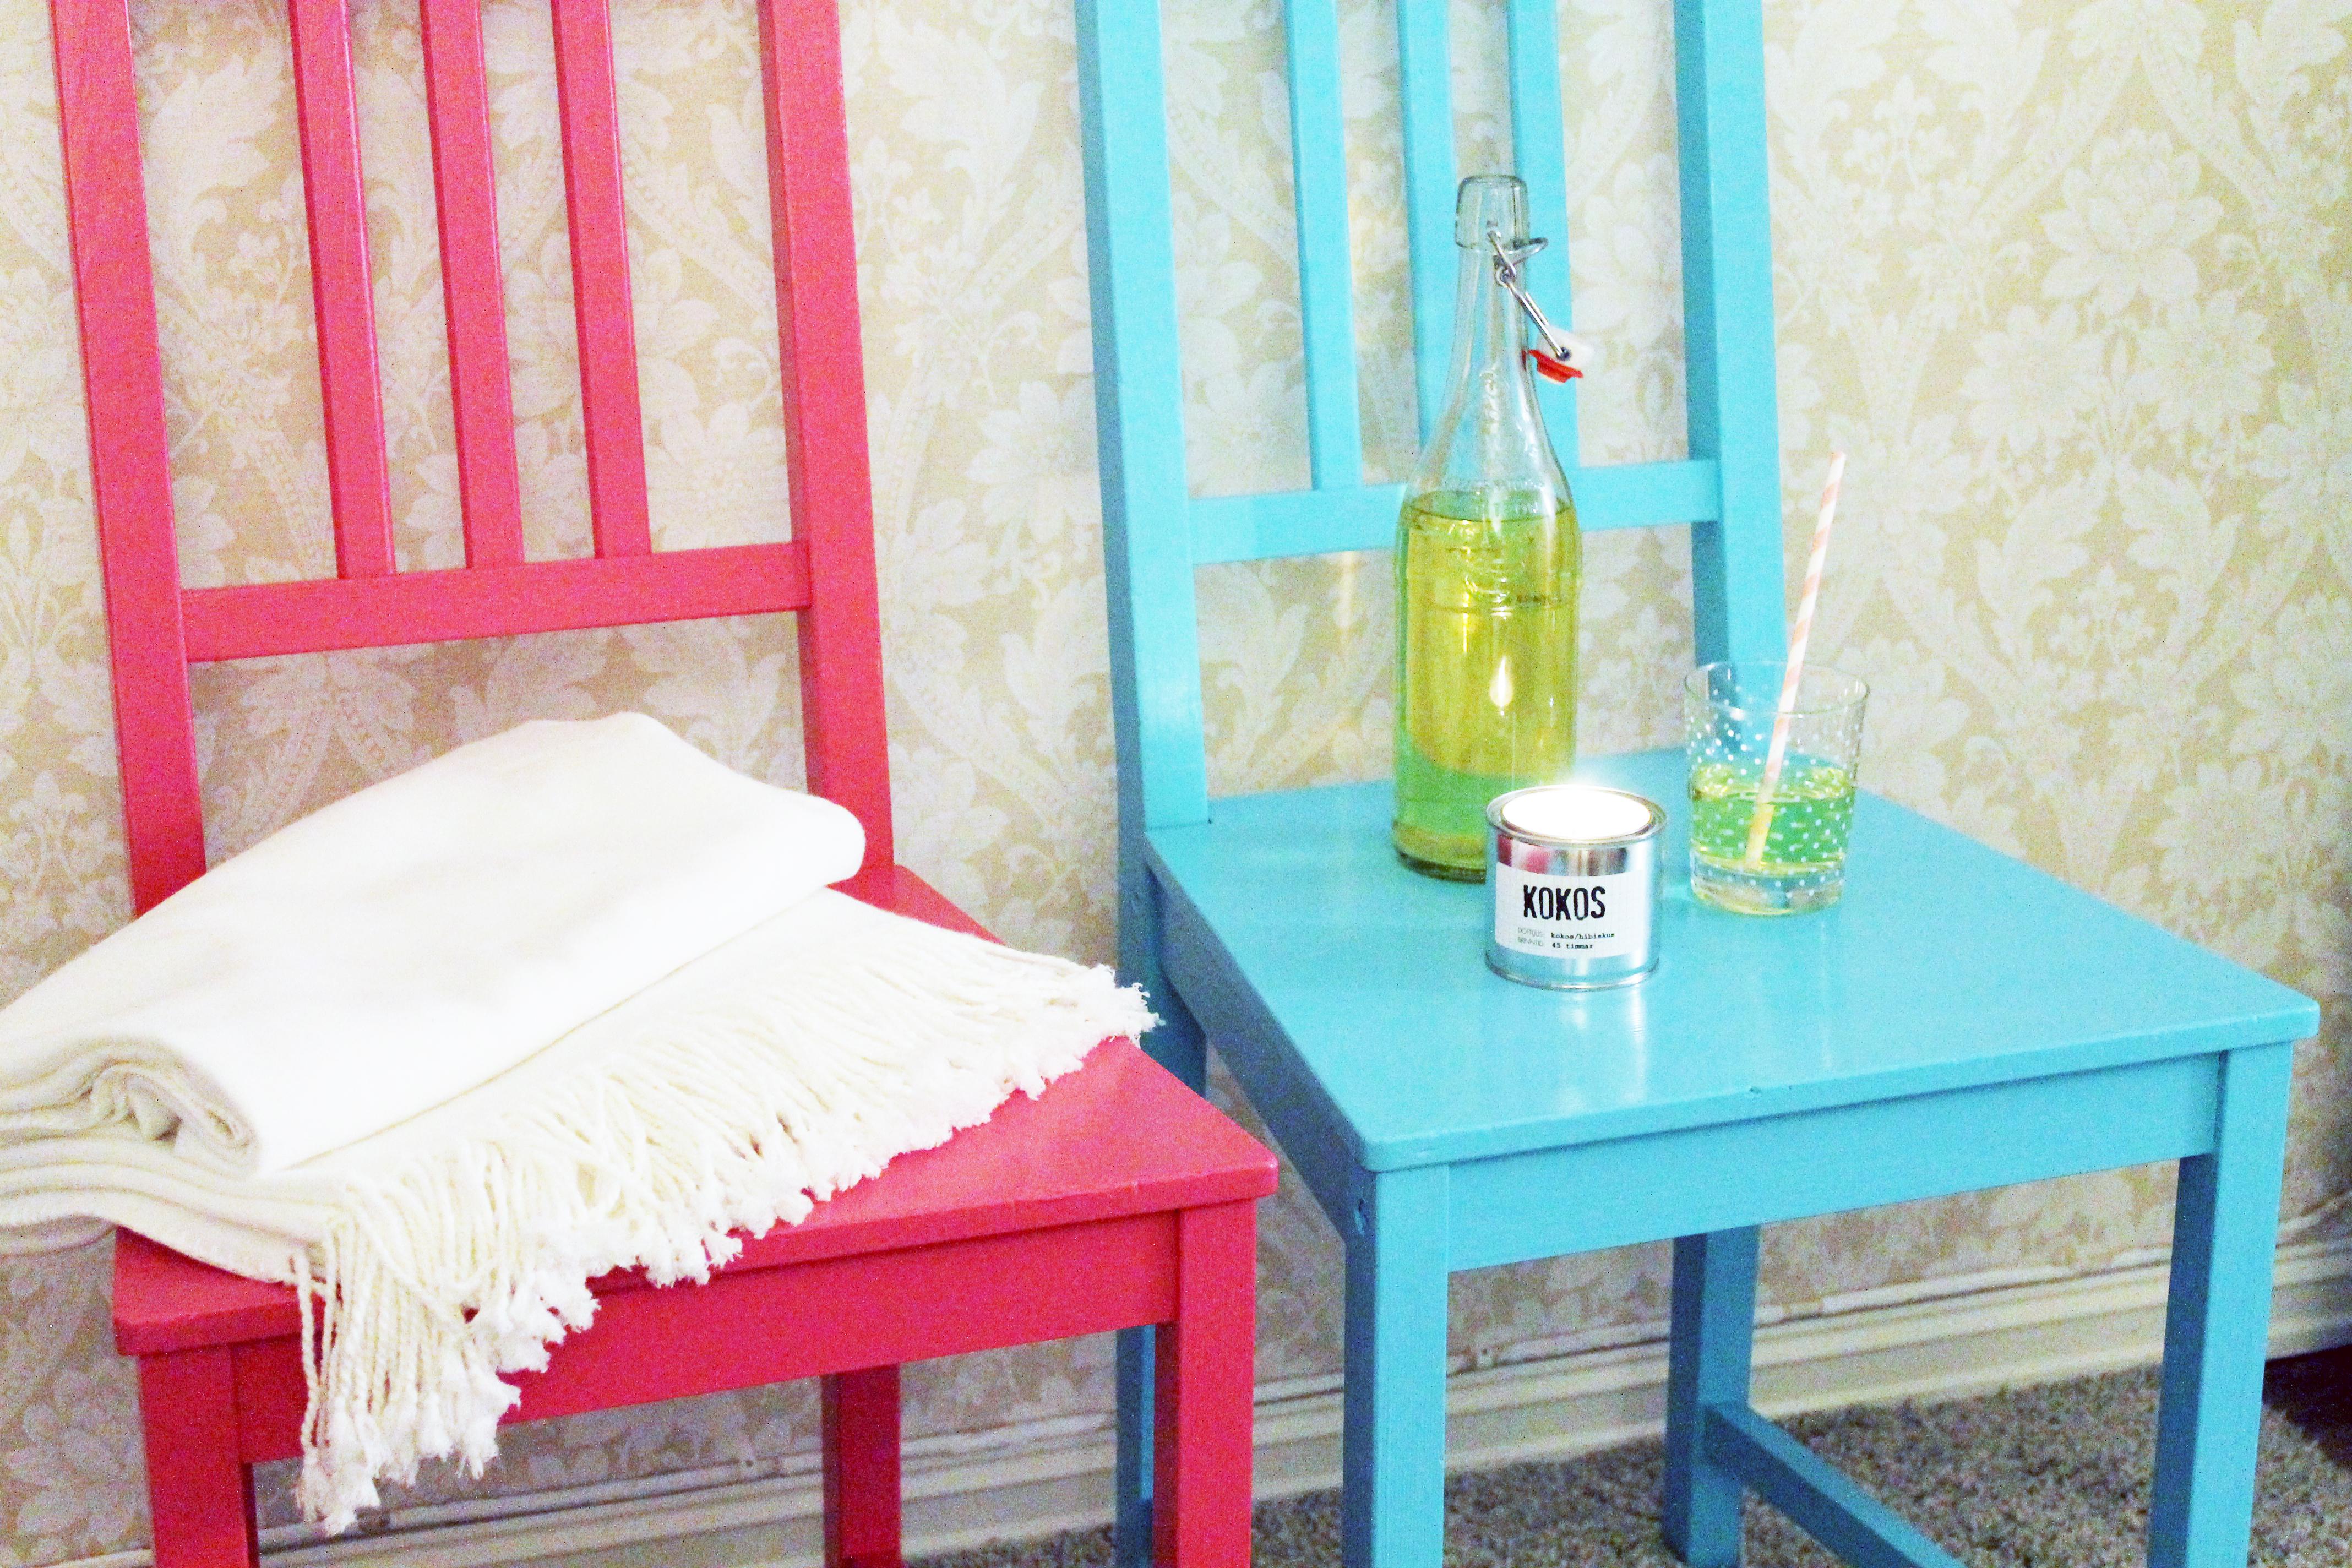 enkel m bel make over poppydesign. Black Bedroom Furniture Sets. Home Design Ideas